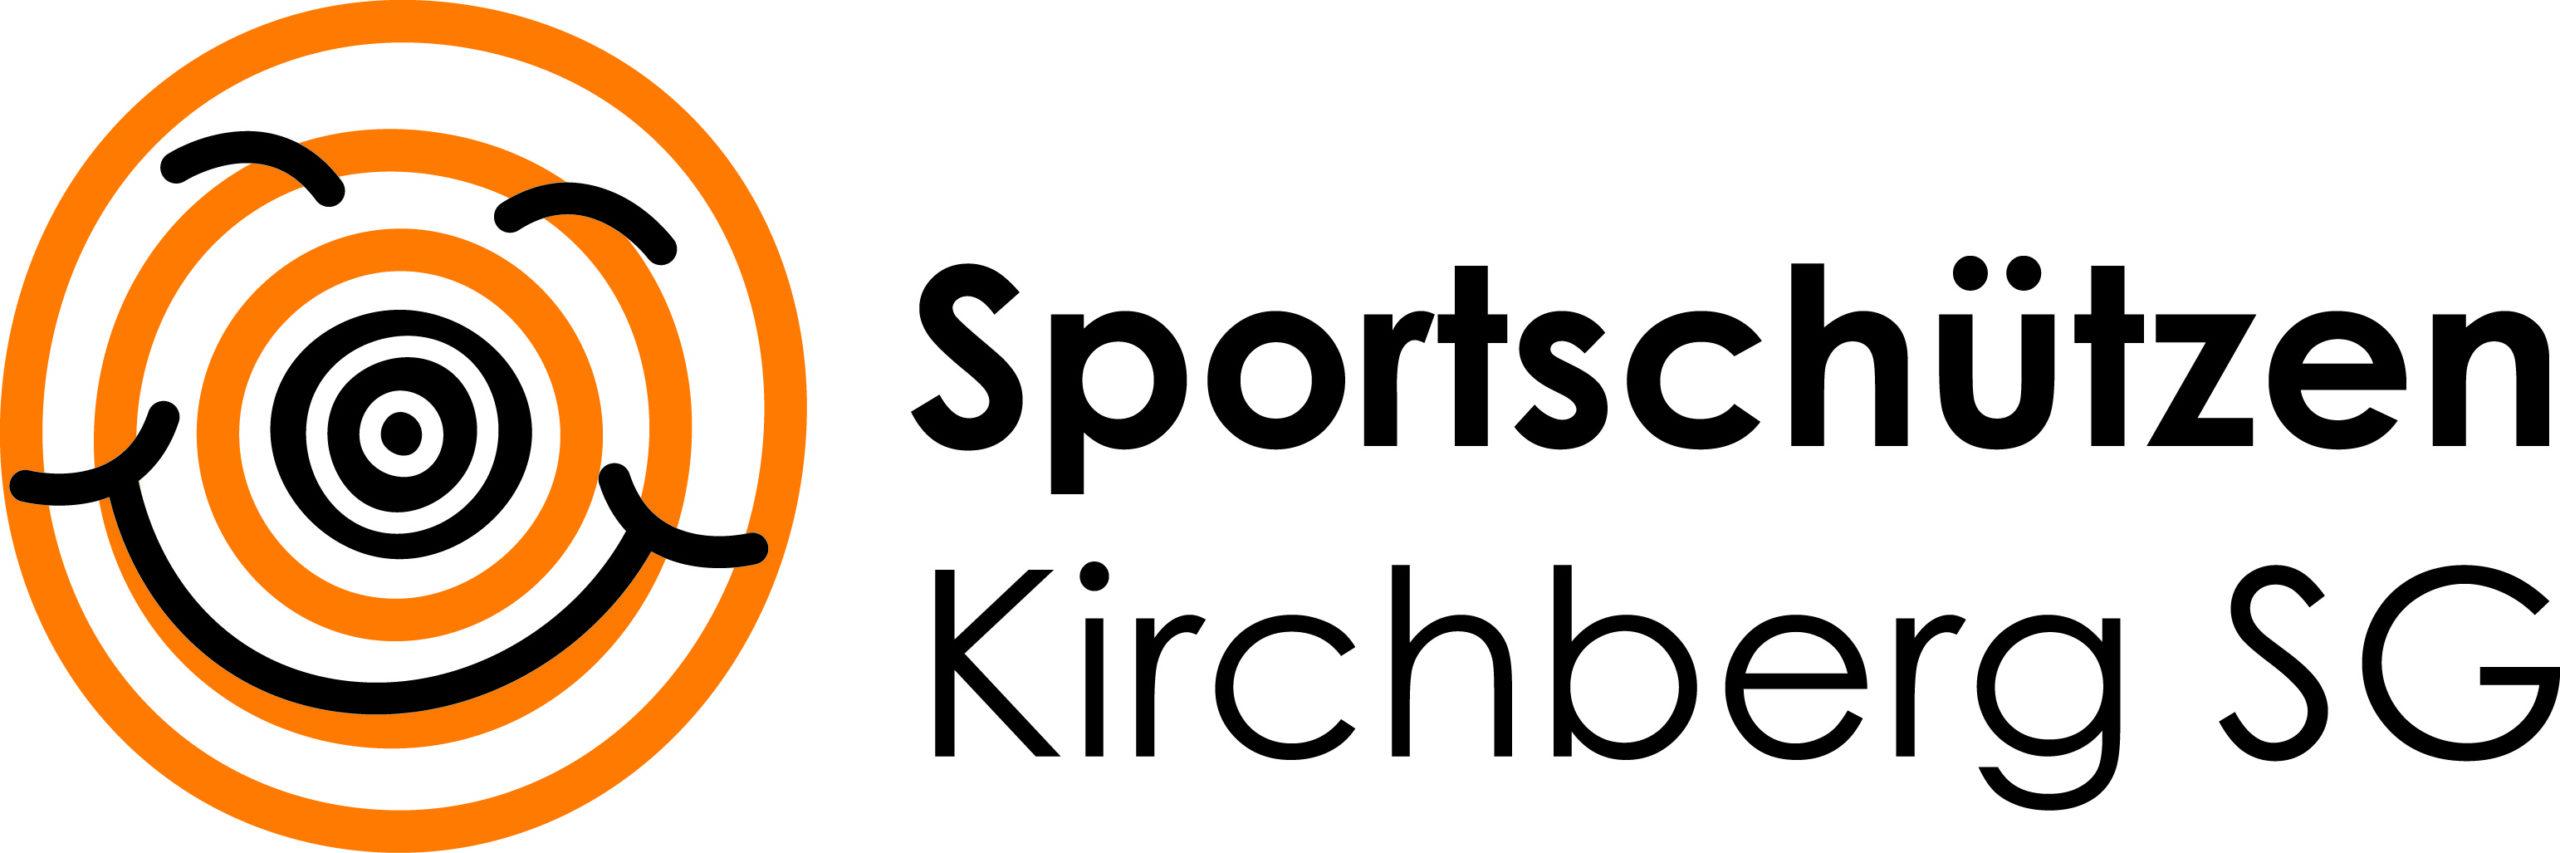 Sportschützen Kirchberg